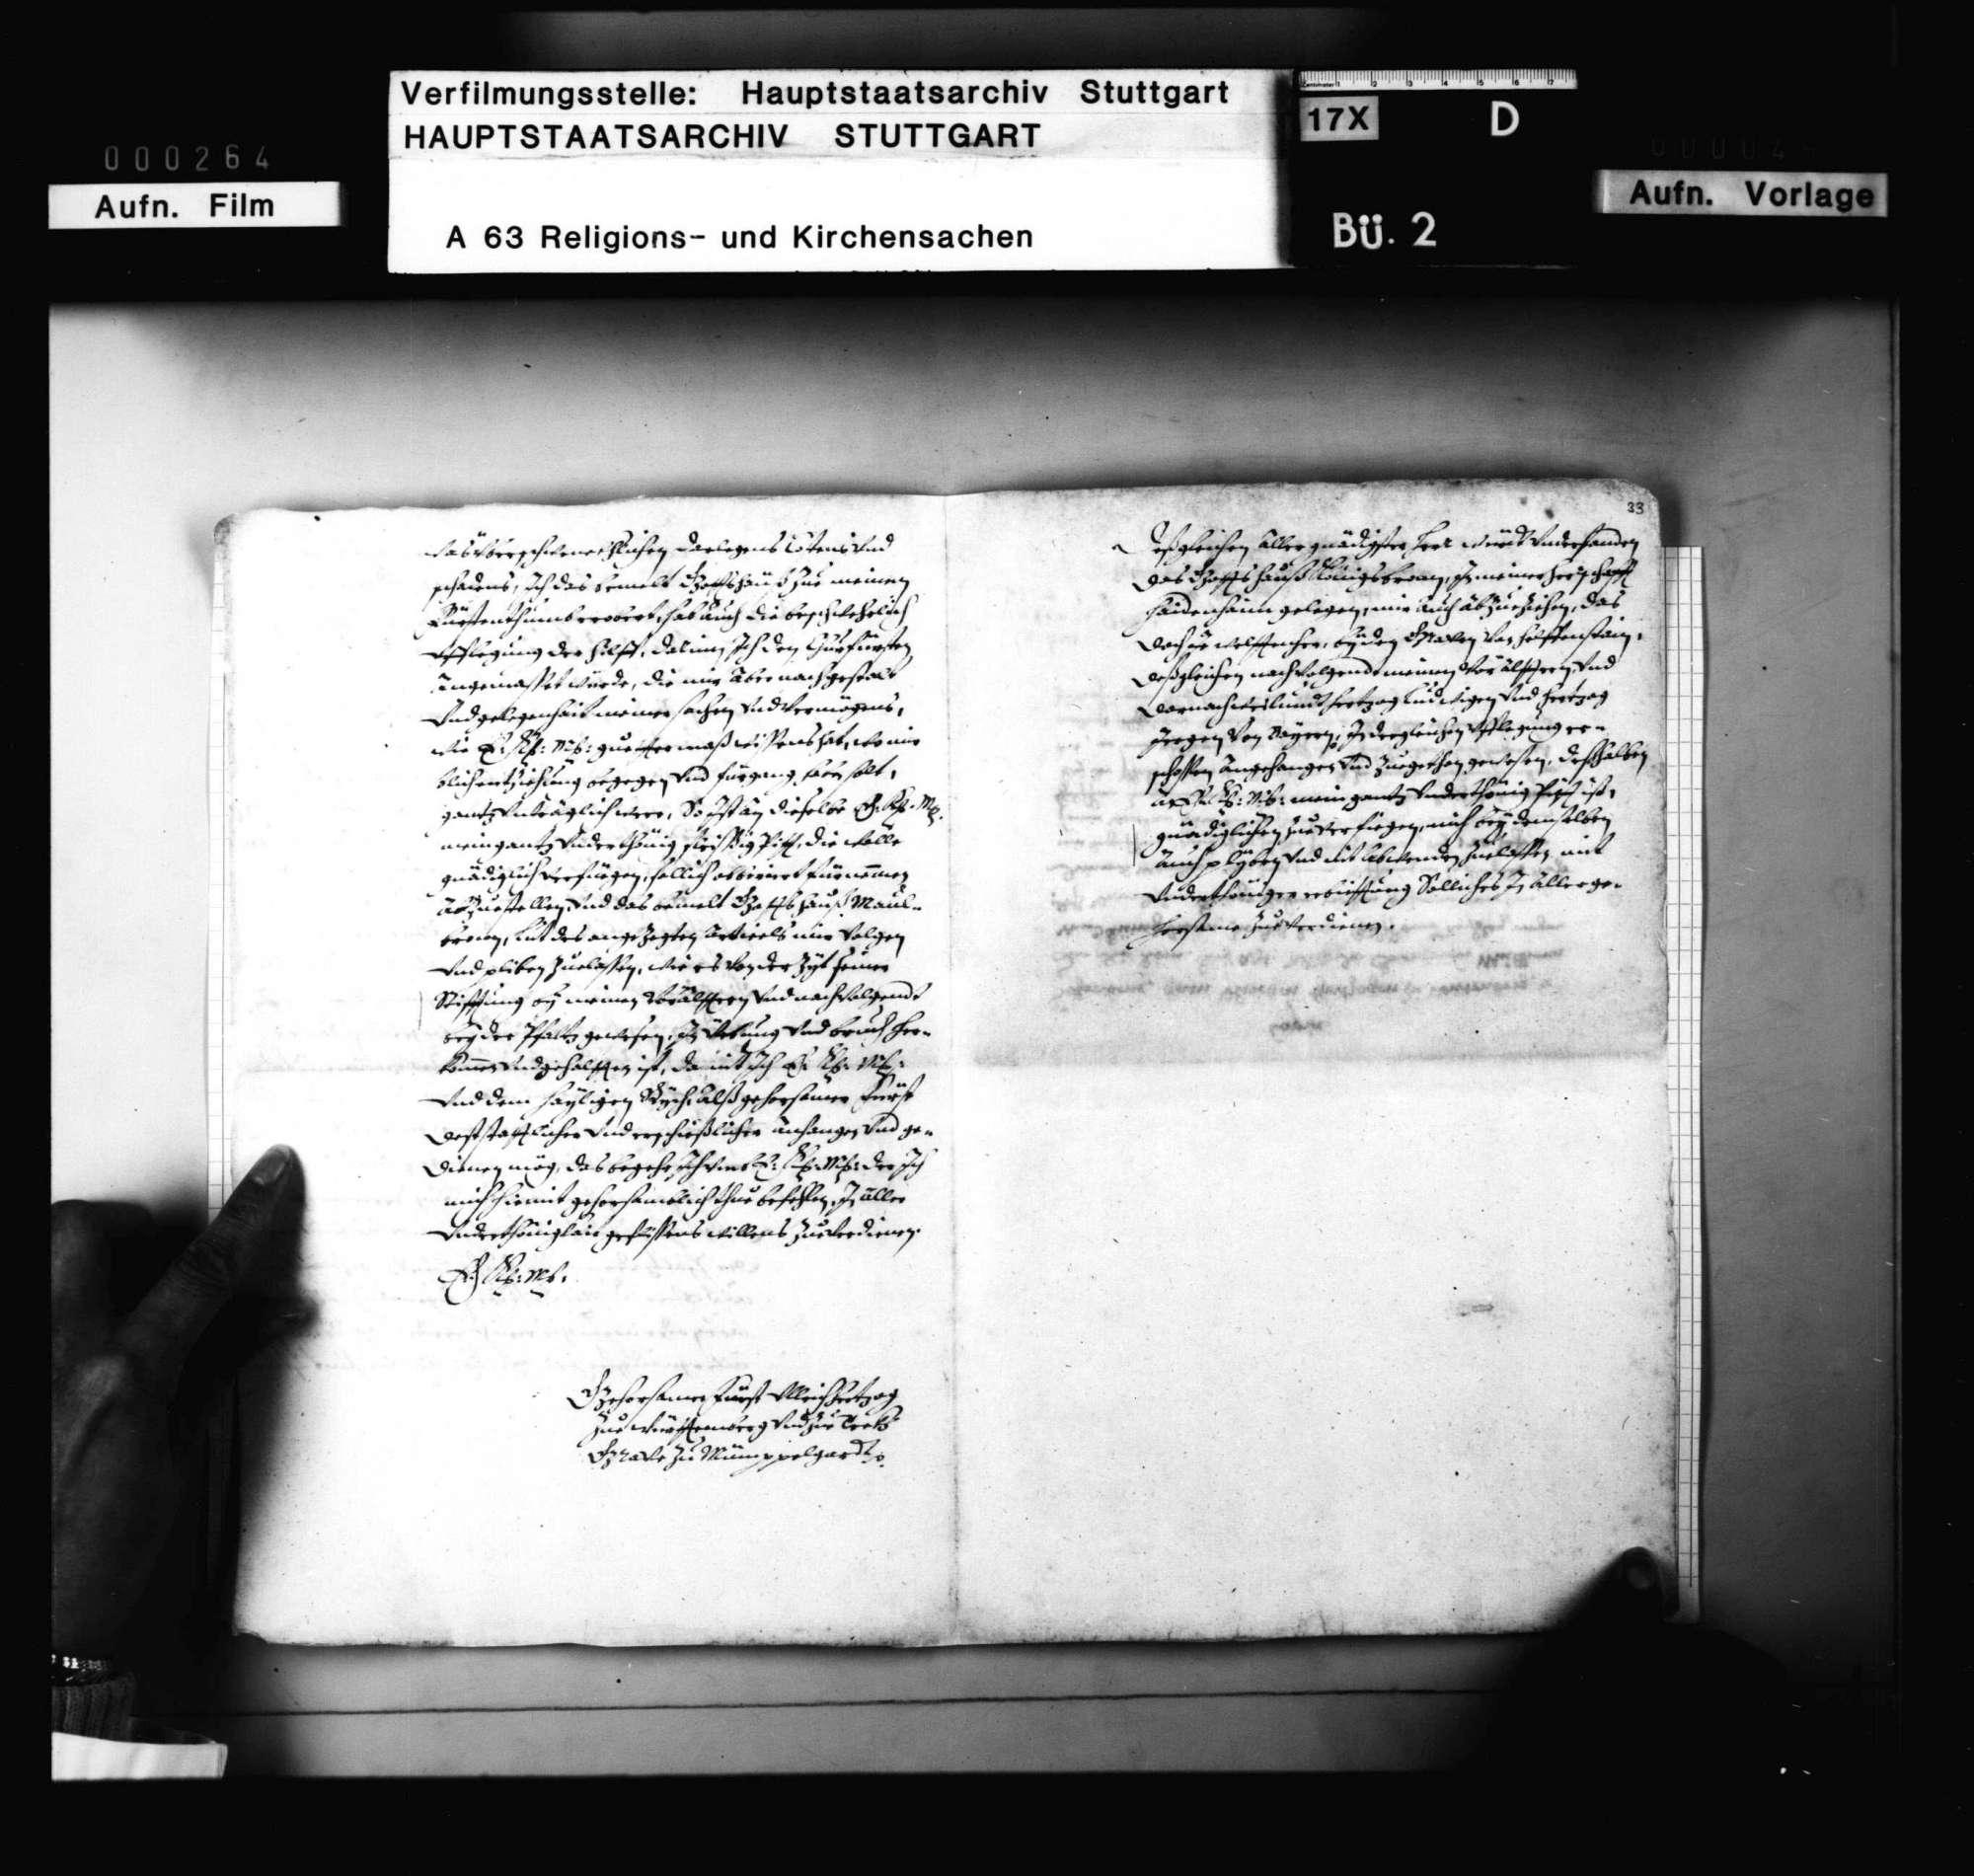 Schreiben Herzog Ulrichs an Kaiser Karl V. wegen der Besteuerung der Klöster Maulbronn und Königsbronn mit Reichshilfe wegen des Venezianischen Kriegs., Bild 3